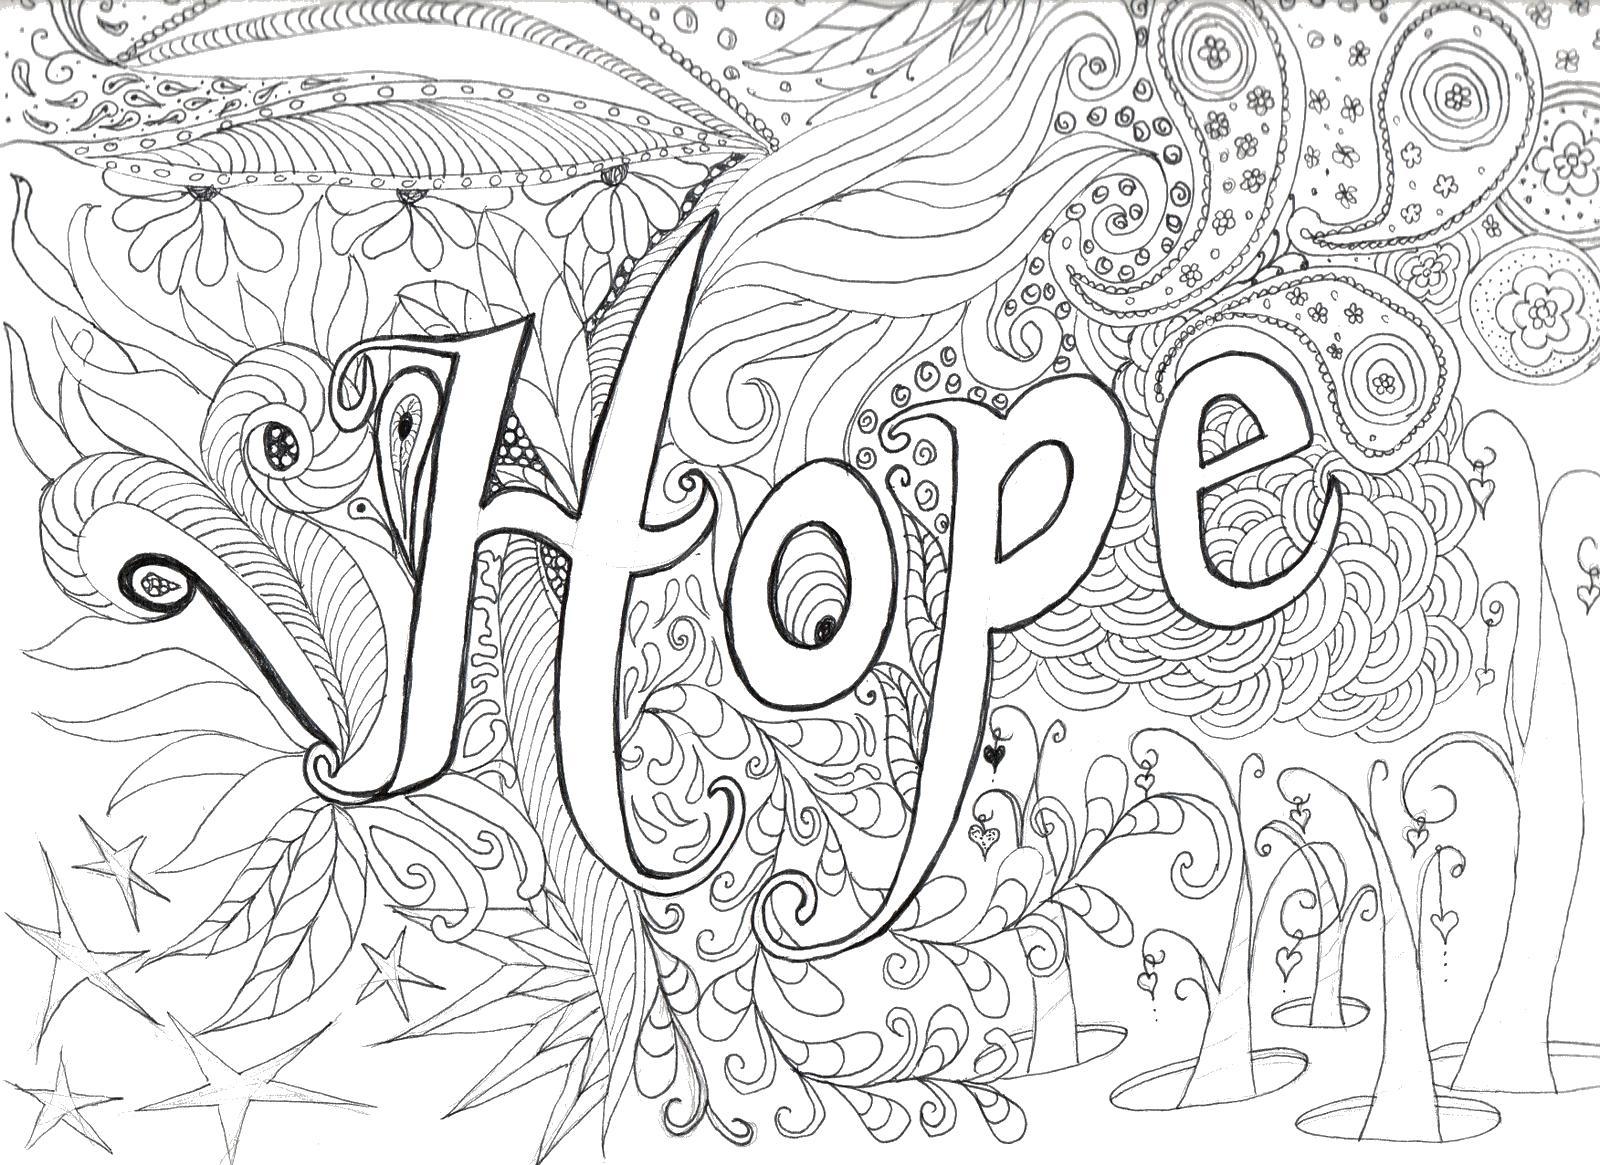 Надежда Раскраски антистресс распечатать